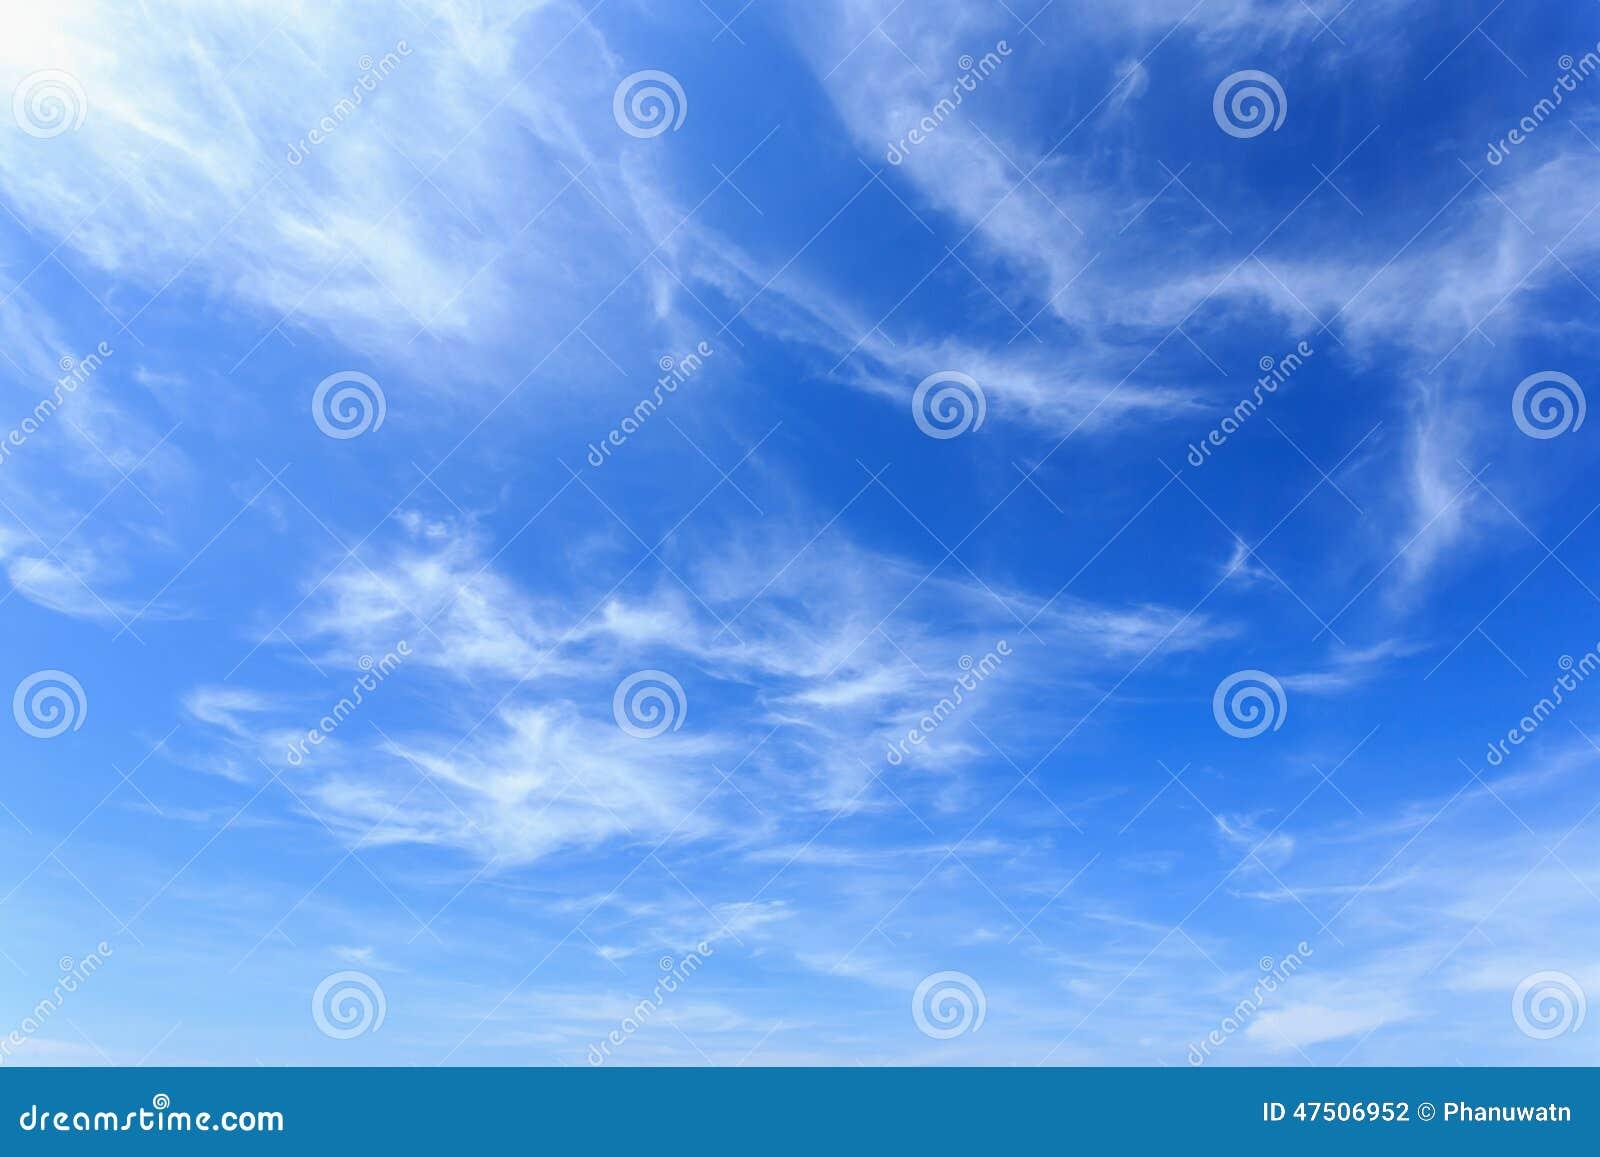 синь заволакивает небо